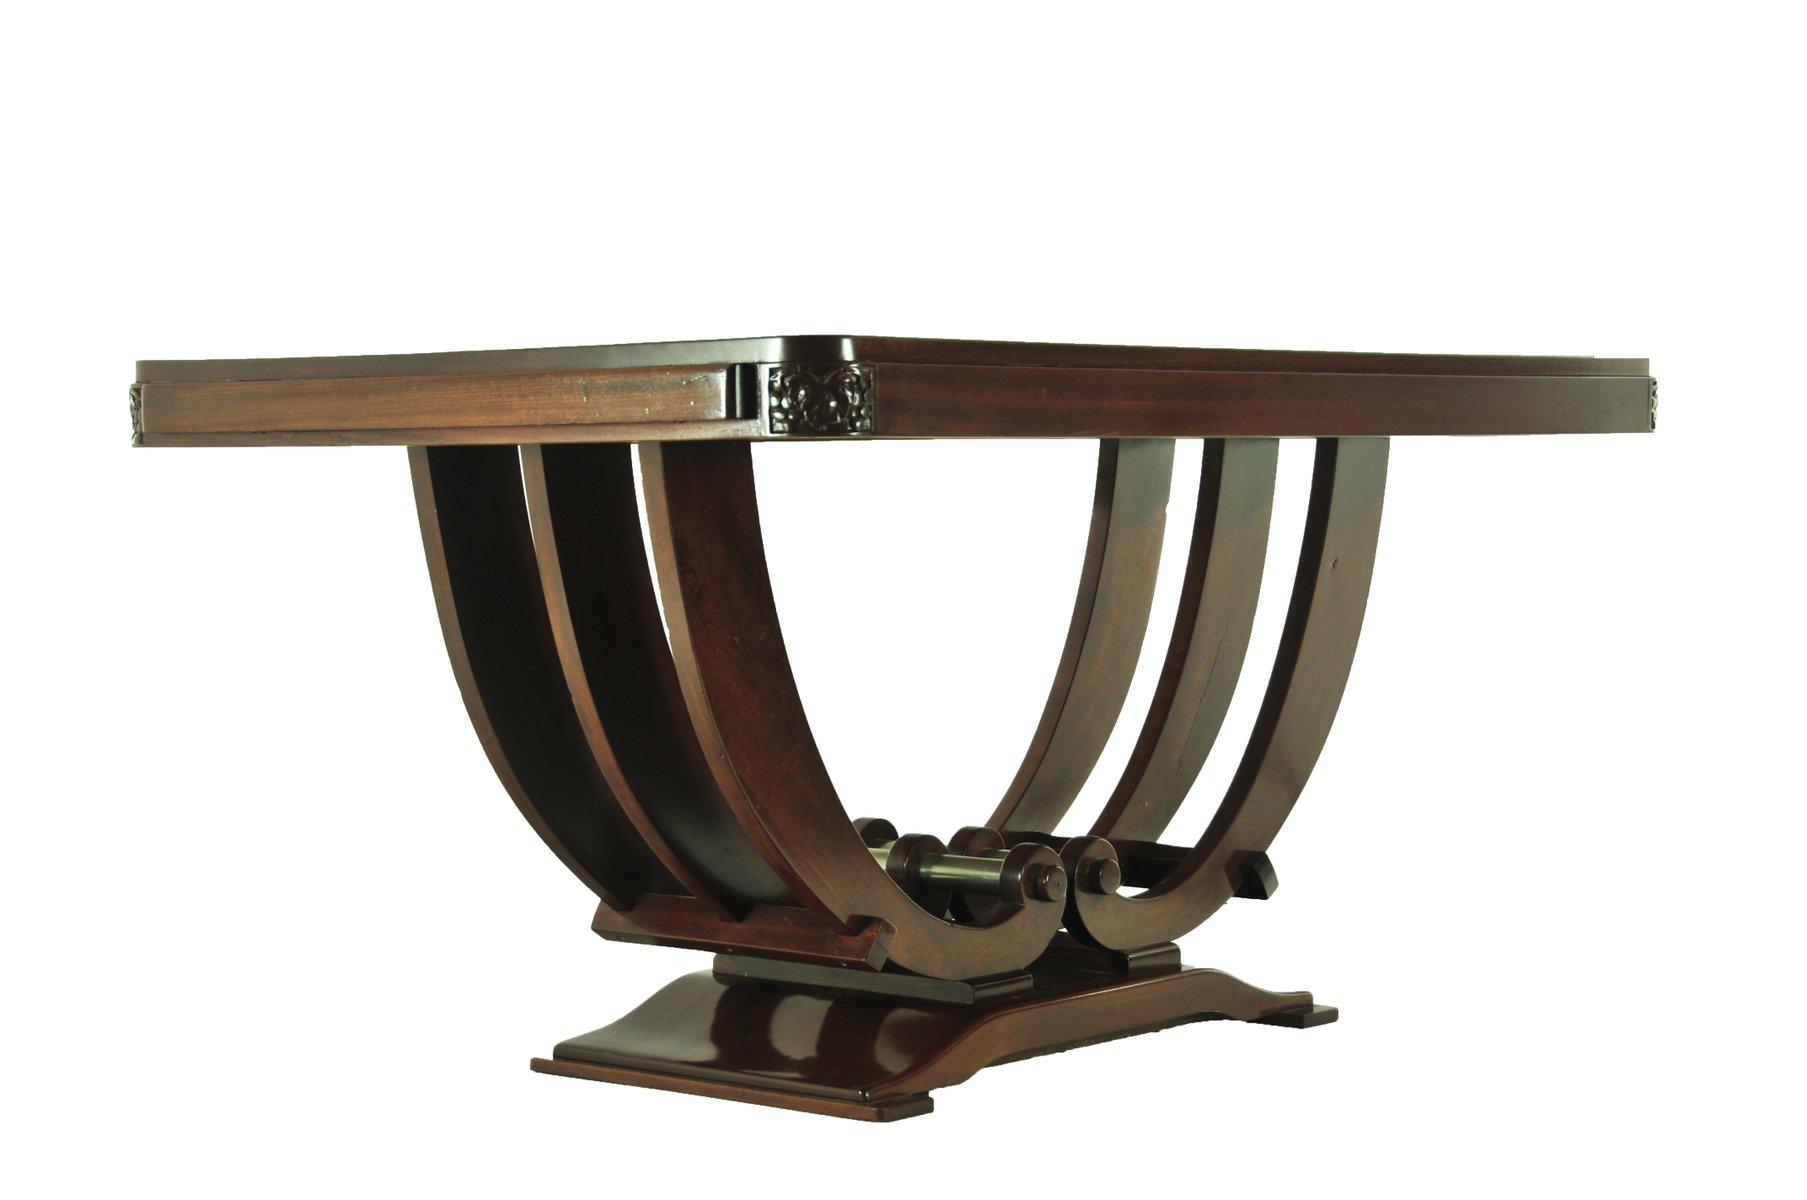 Art Deco Tisch Kaufen : Art Deco Boat Tisch, 1940er bei Pamono kaufen